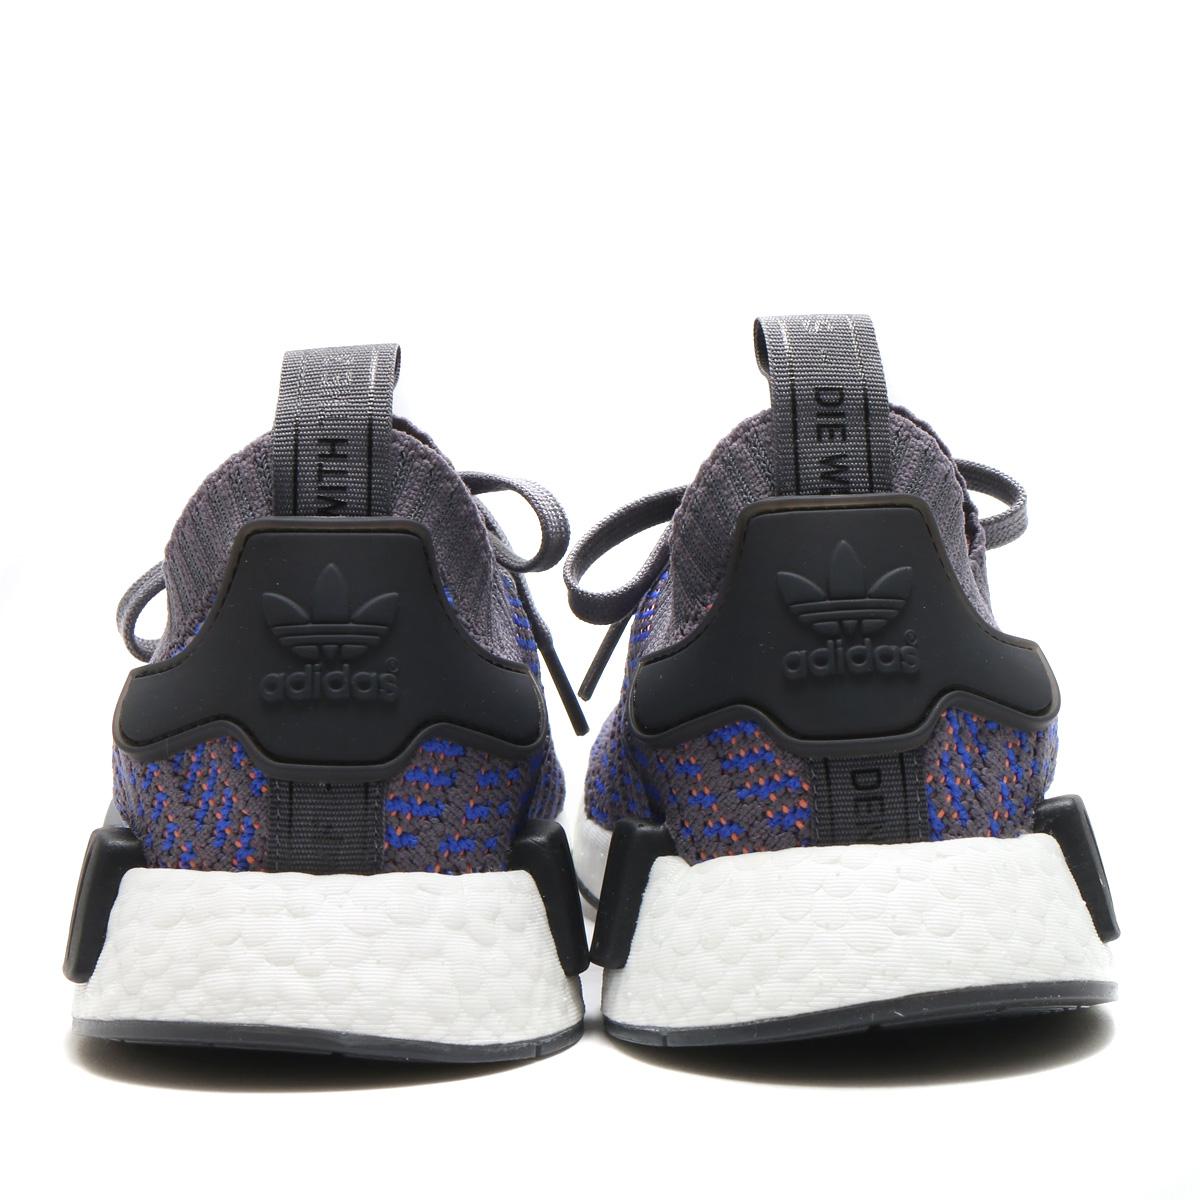 94e0f5cab adidas Originals NMD R1 STLT PK (Adidas originals N M D R1 STLT PK) Hi-Res  Blue Core Black Chalk Coral 18SS-I